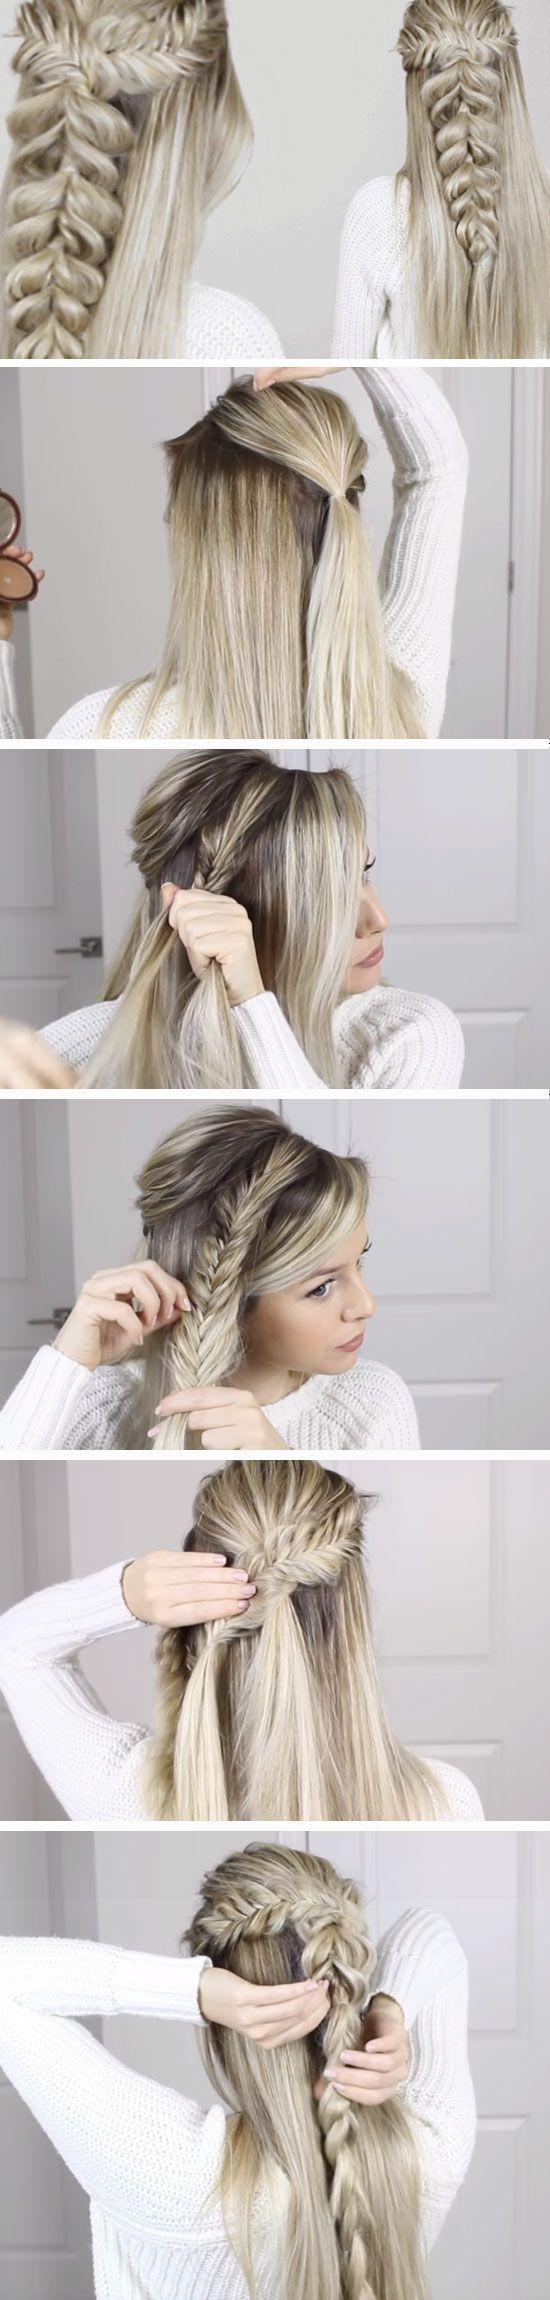 19 Easy DIY Wedding Hairstyles | Bridesmaid hairstyles, Medium hair ...